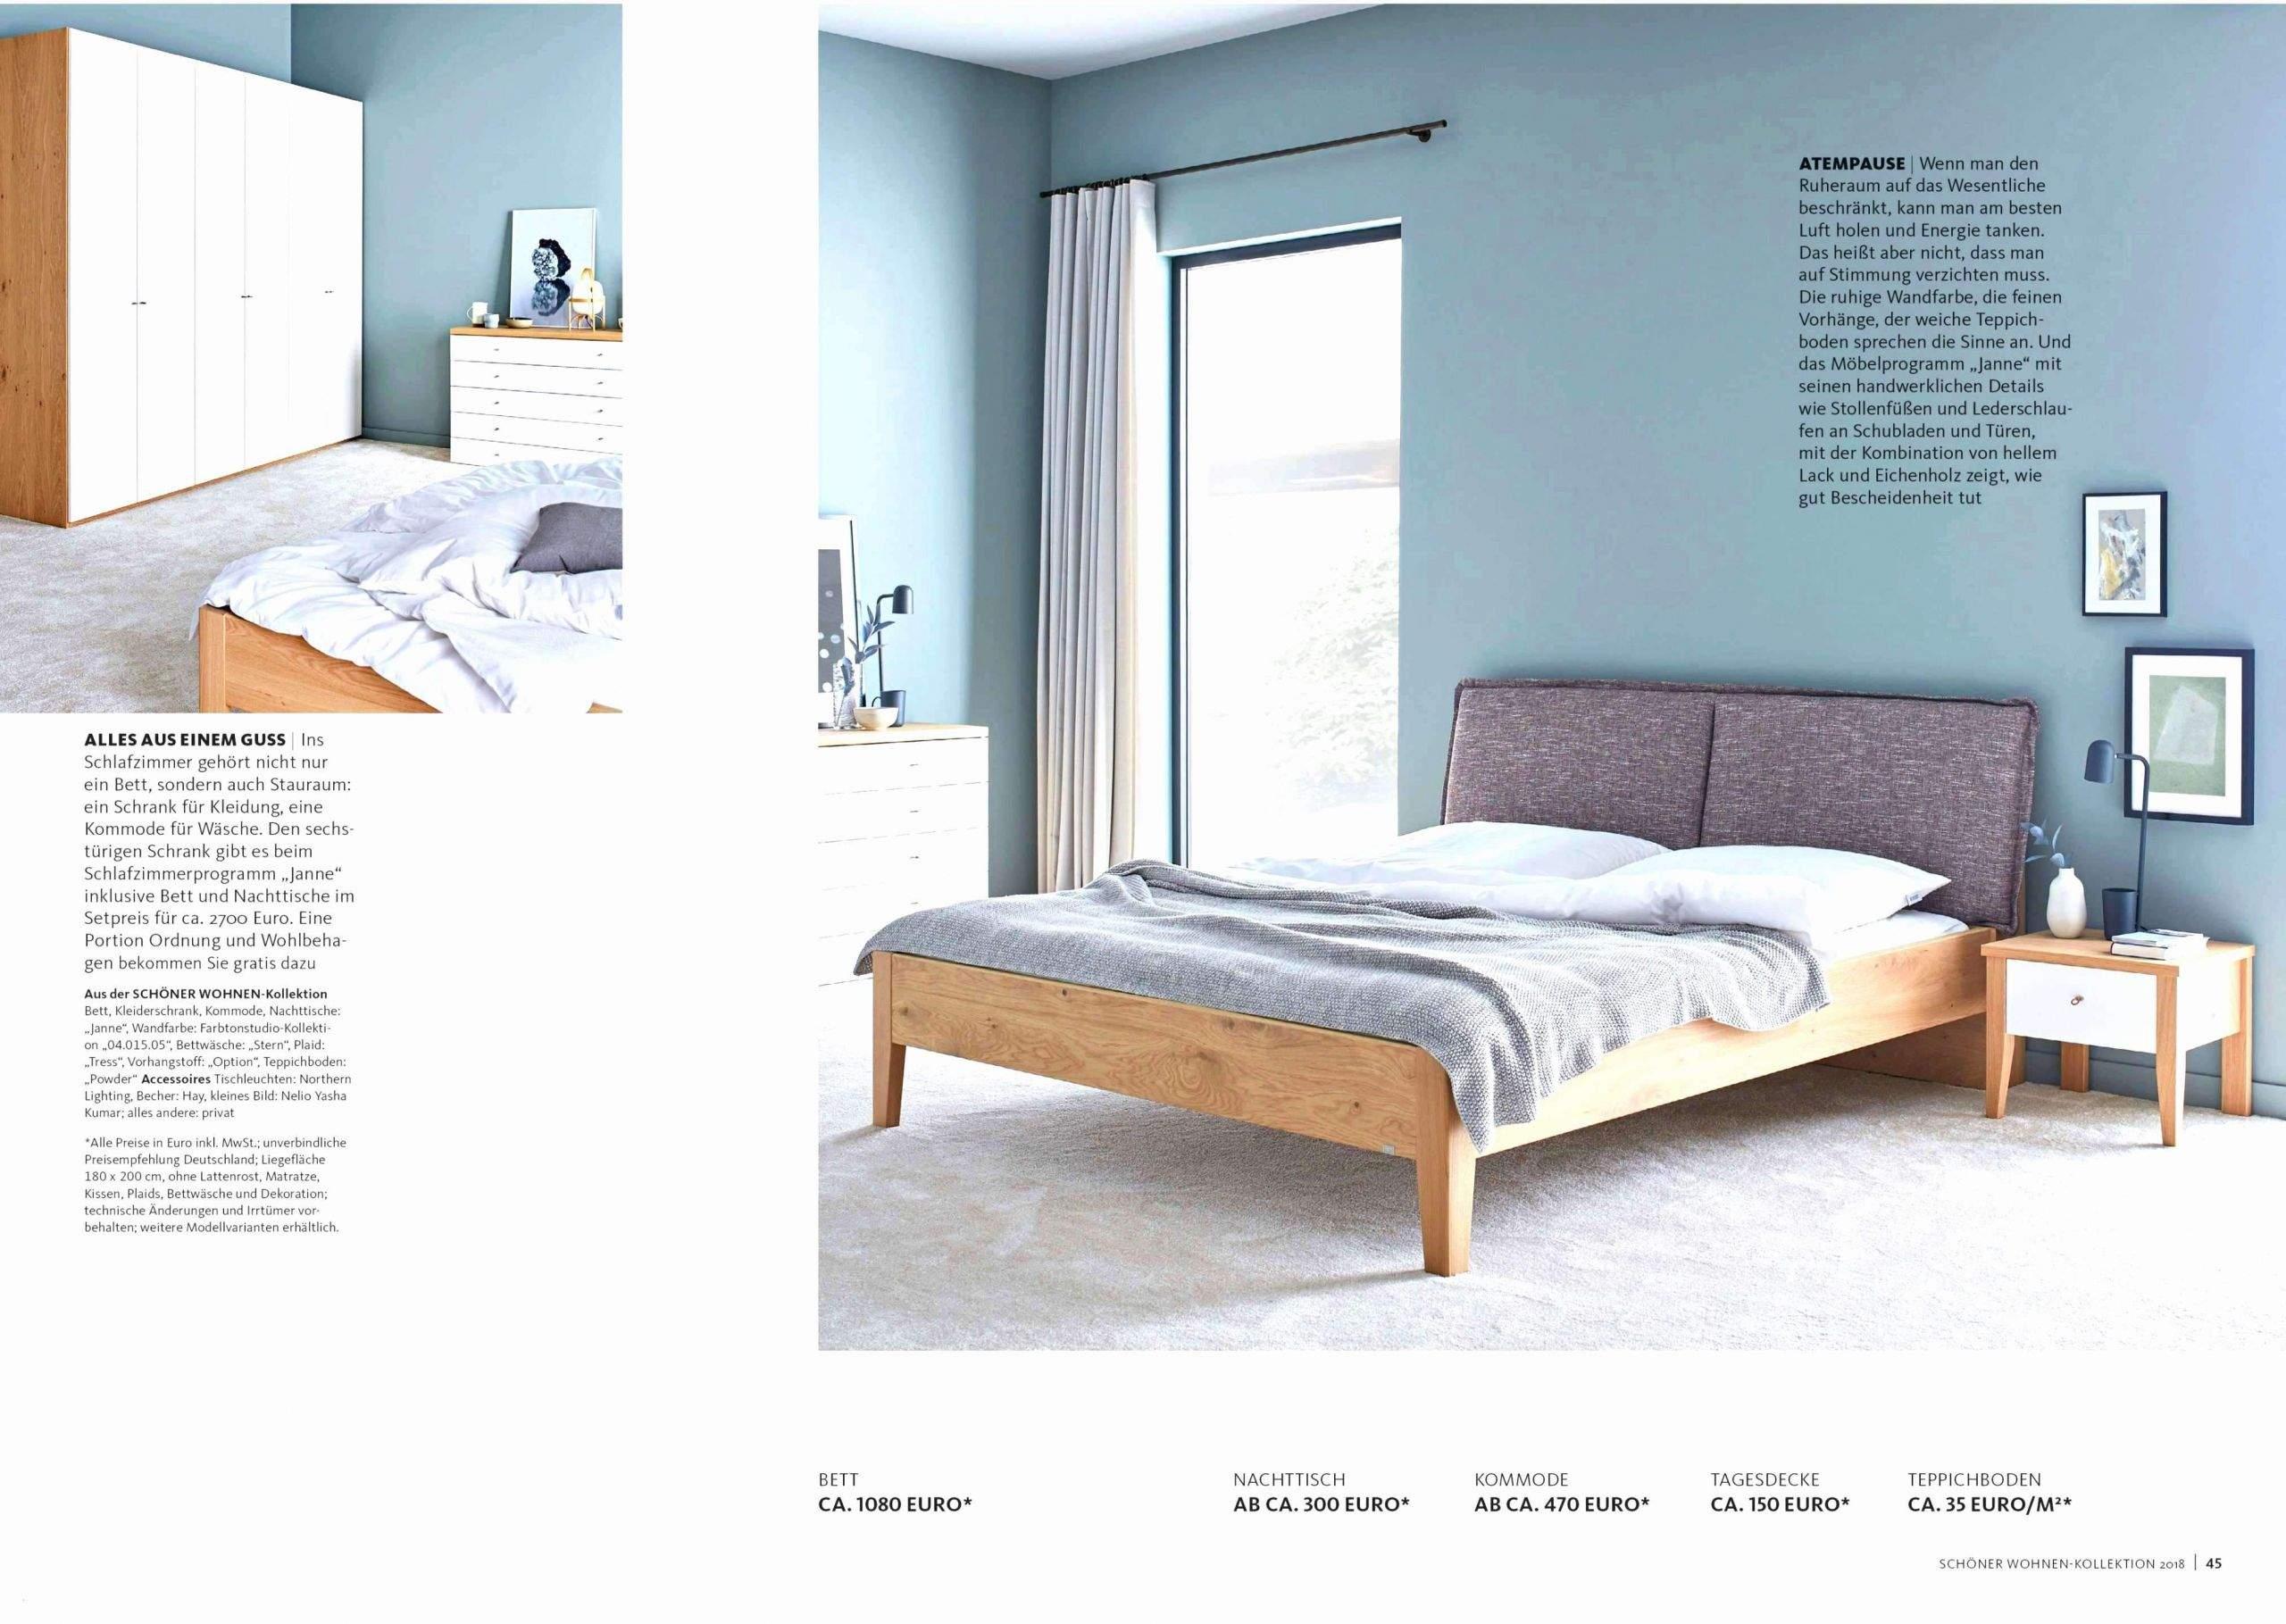 klappsessel wohnzimmer reizend klappsessel wohnzimmer konzept das beste von se jahre of klappsessel wohnzimmer 1 scaled